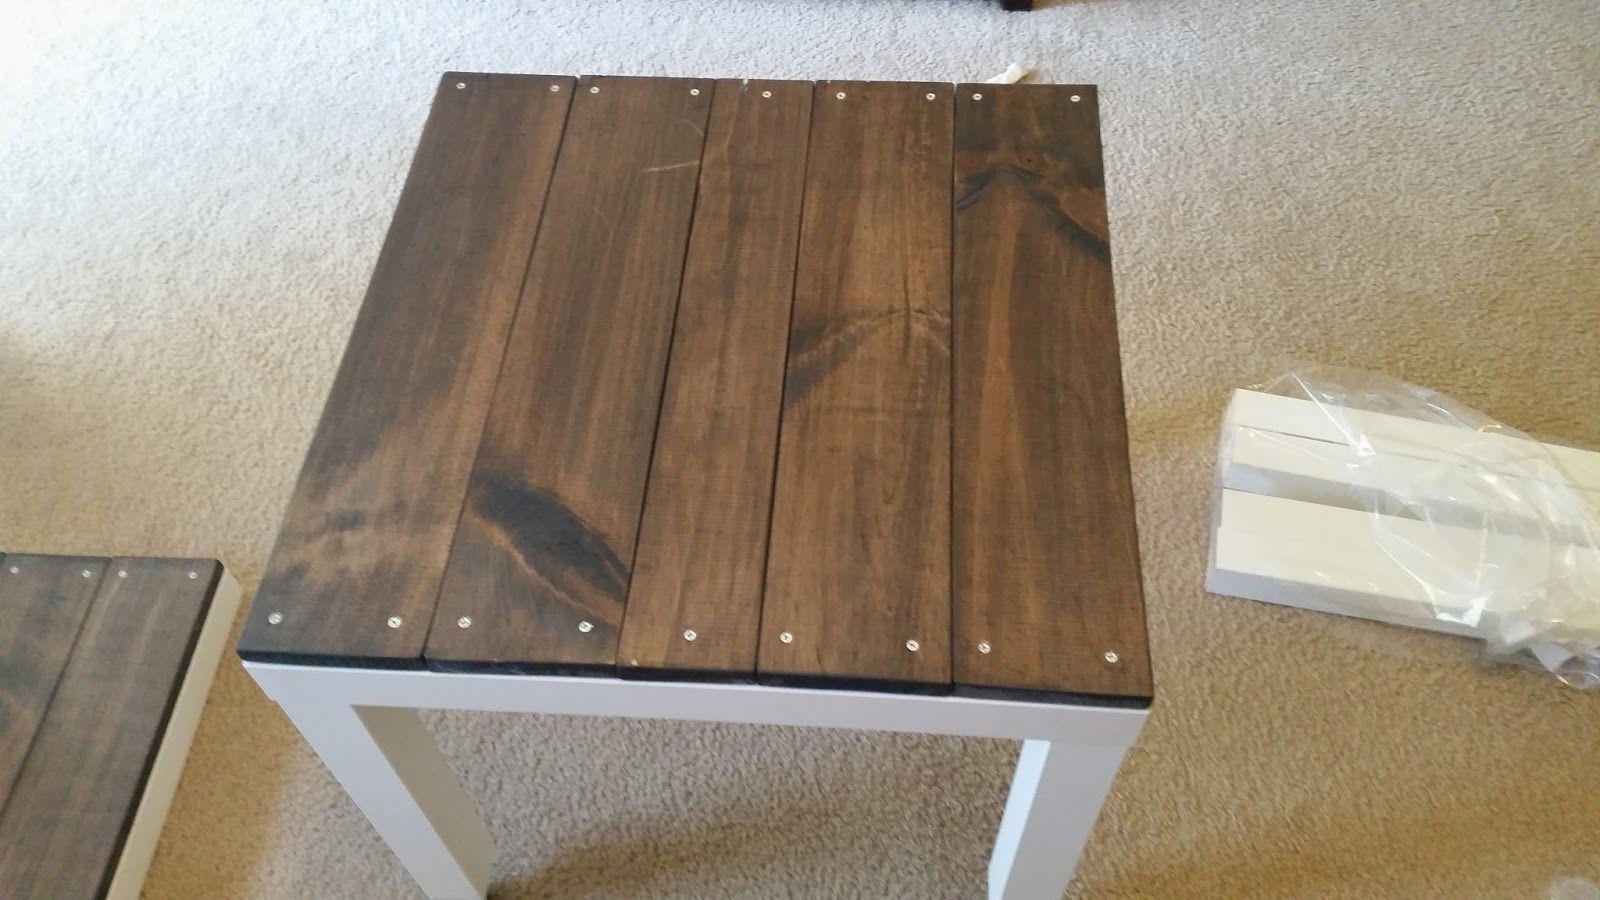 Simply Lkj Ikea Lack Hack Blog Hack By Daughter Deco Interieure Idees Pour La Maison Table Basse [ 900 x 1600 Pixel ]